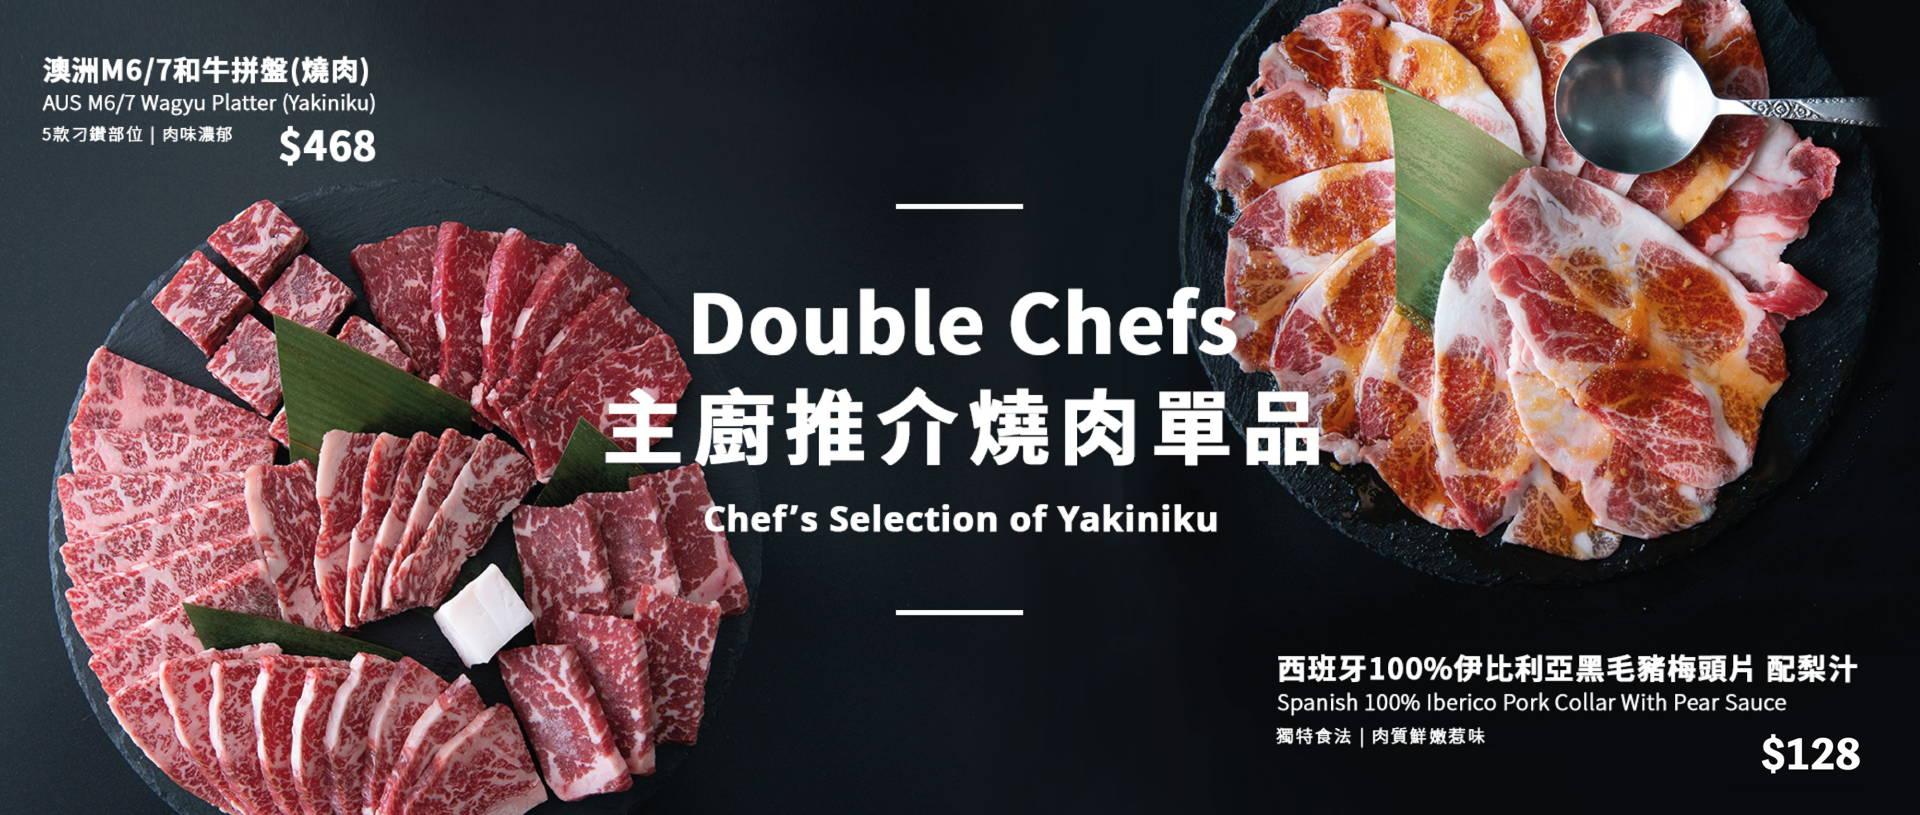 主廚推介燒肉單點|Double Chefs Market